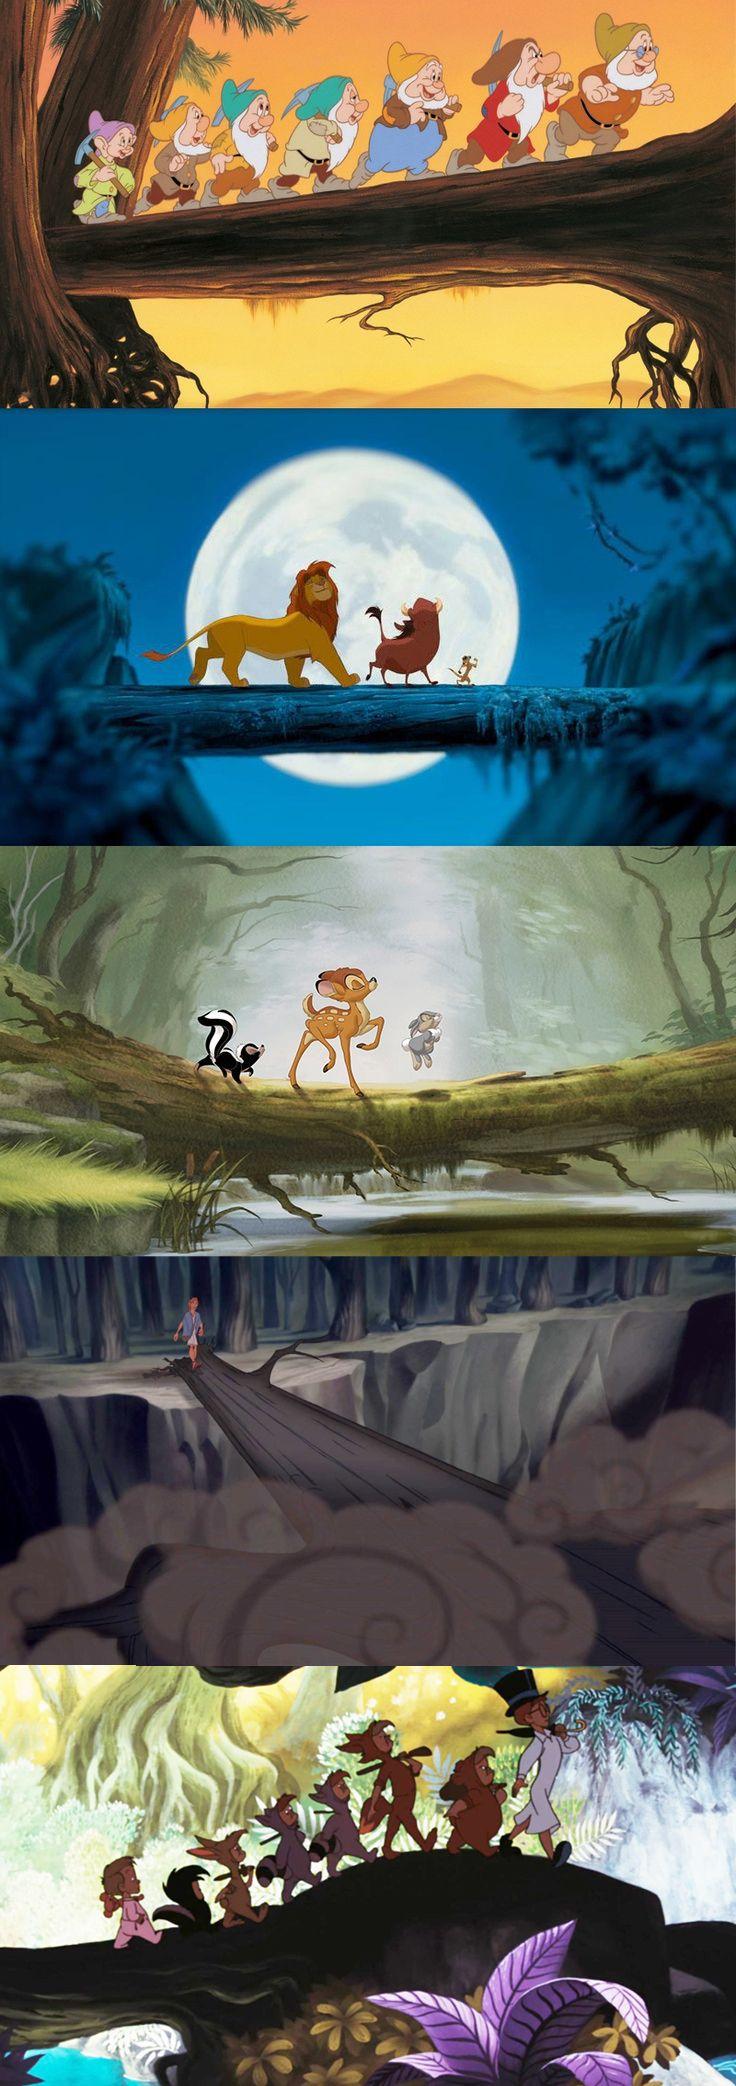 Si no hay un arbol caido, no es Disney :P